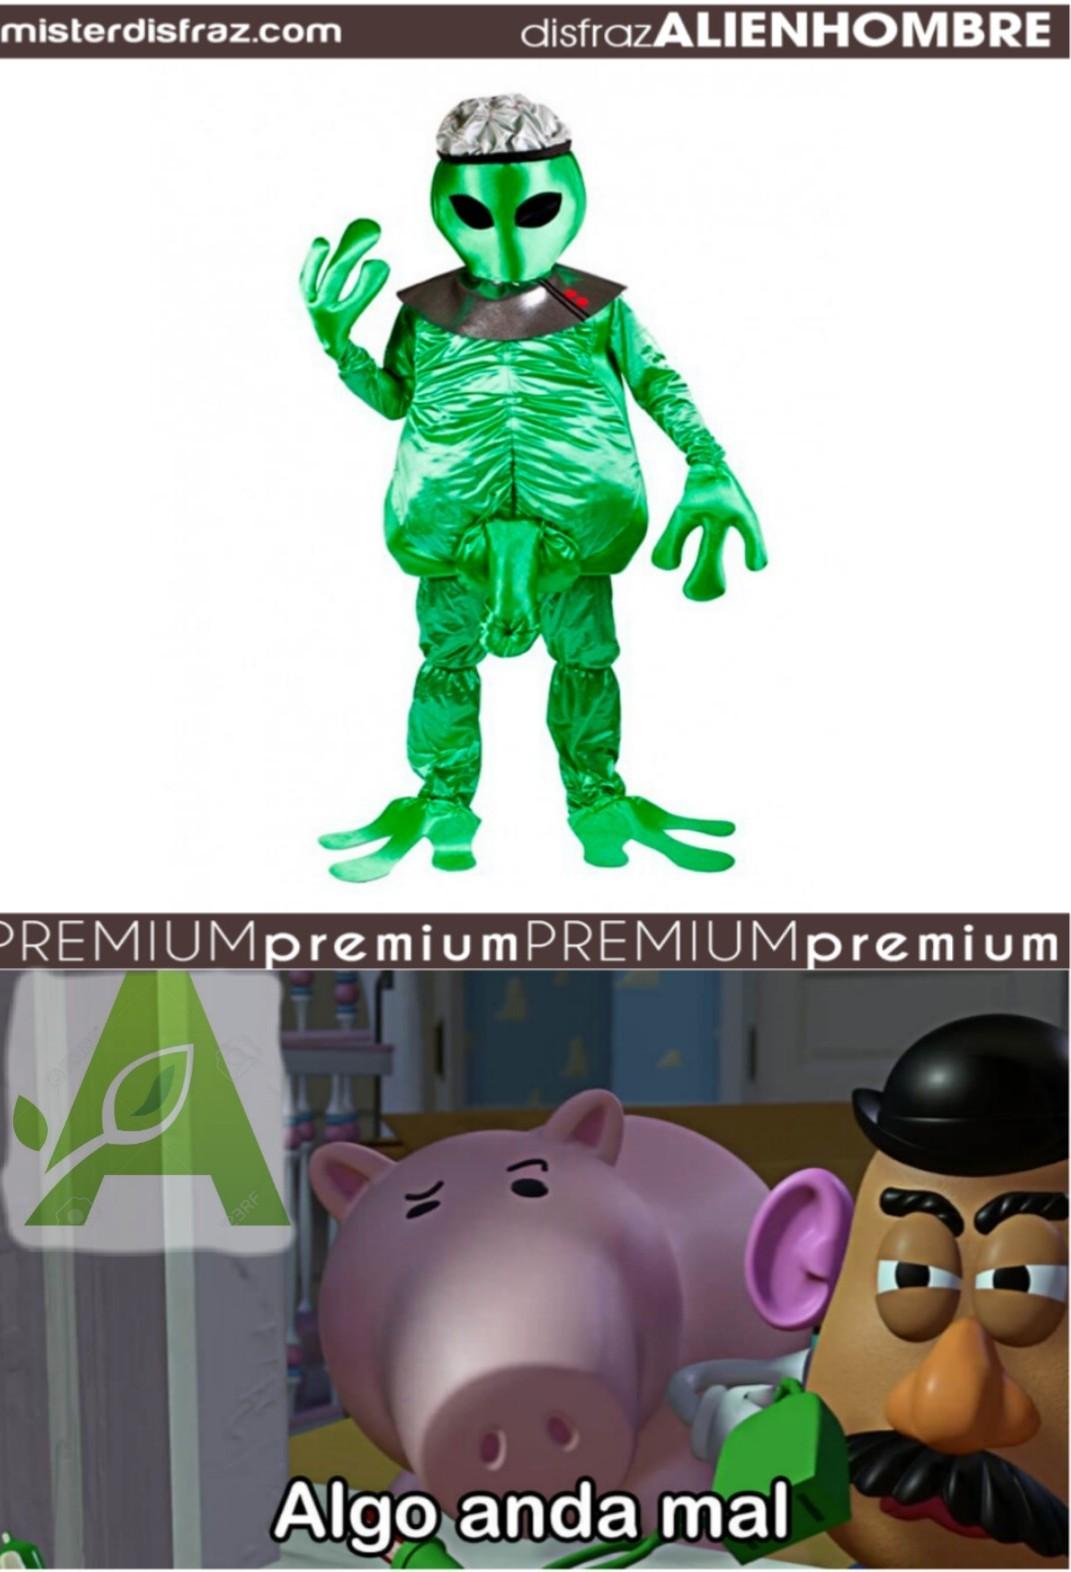 Estaba buscando marciano png y encontré este disfraz - meme